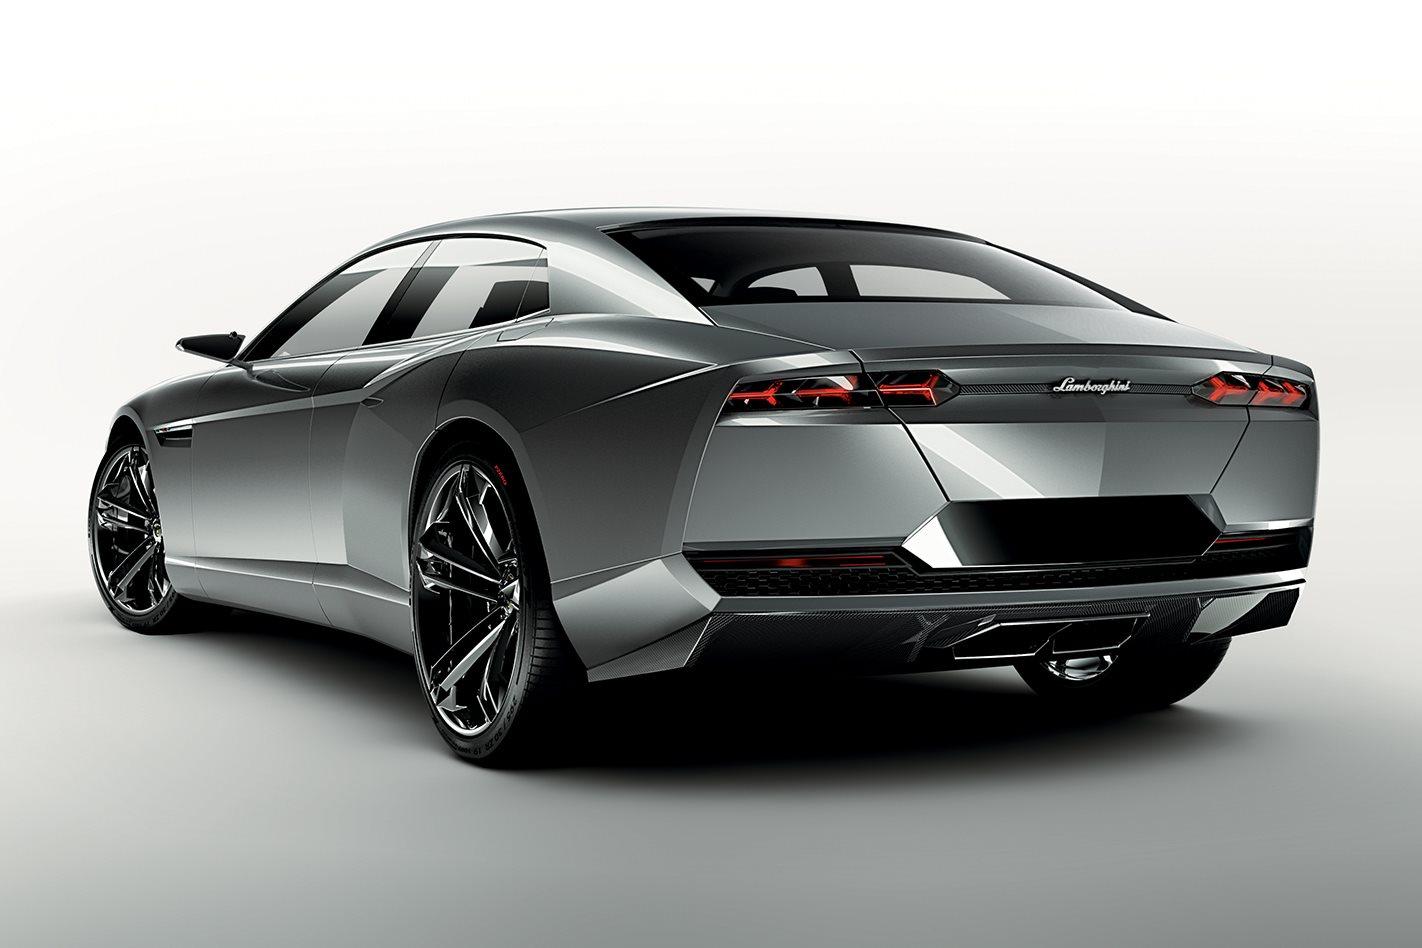 Lamborghini-Estoque-rear.jpg